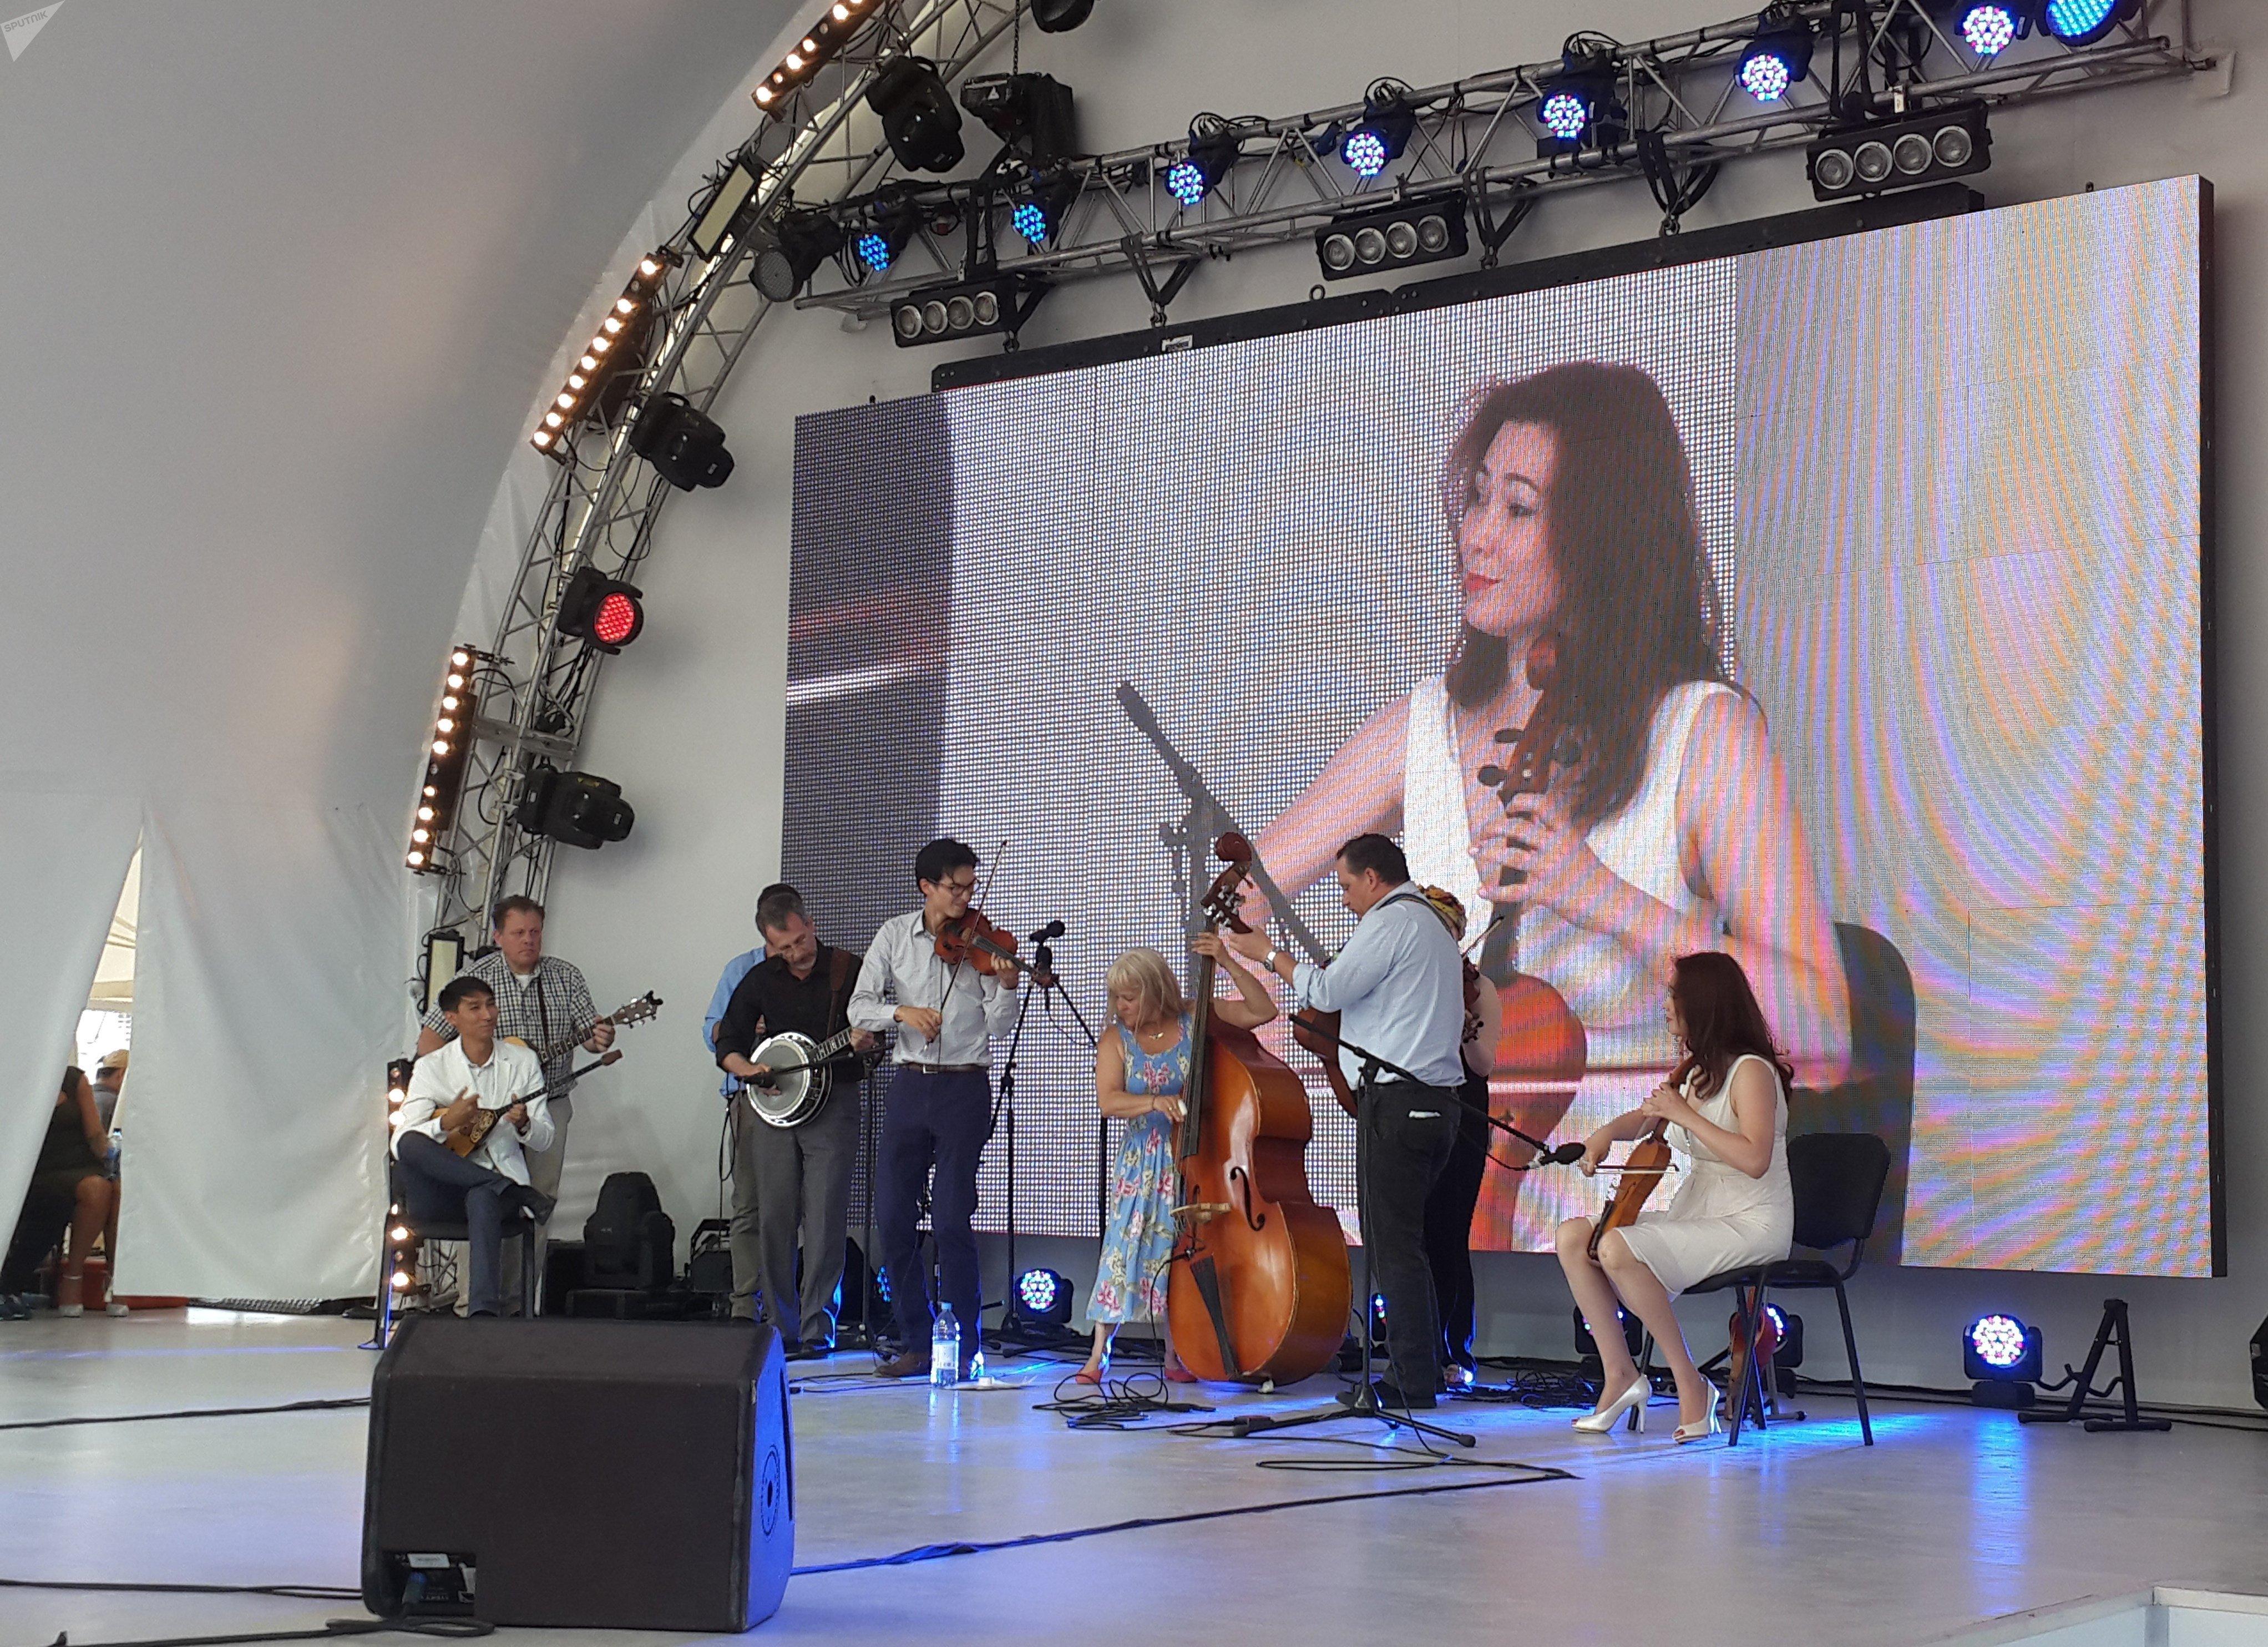 Артисты исполнили микс из казахстанских и американских мелодий